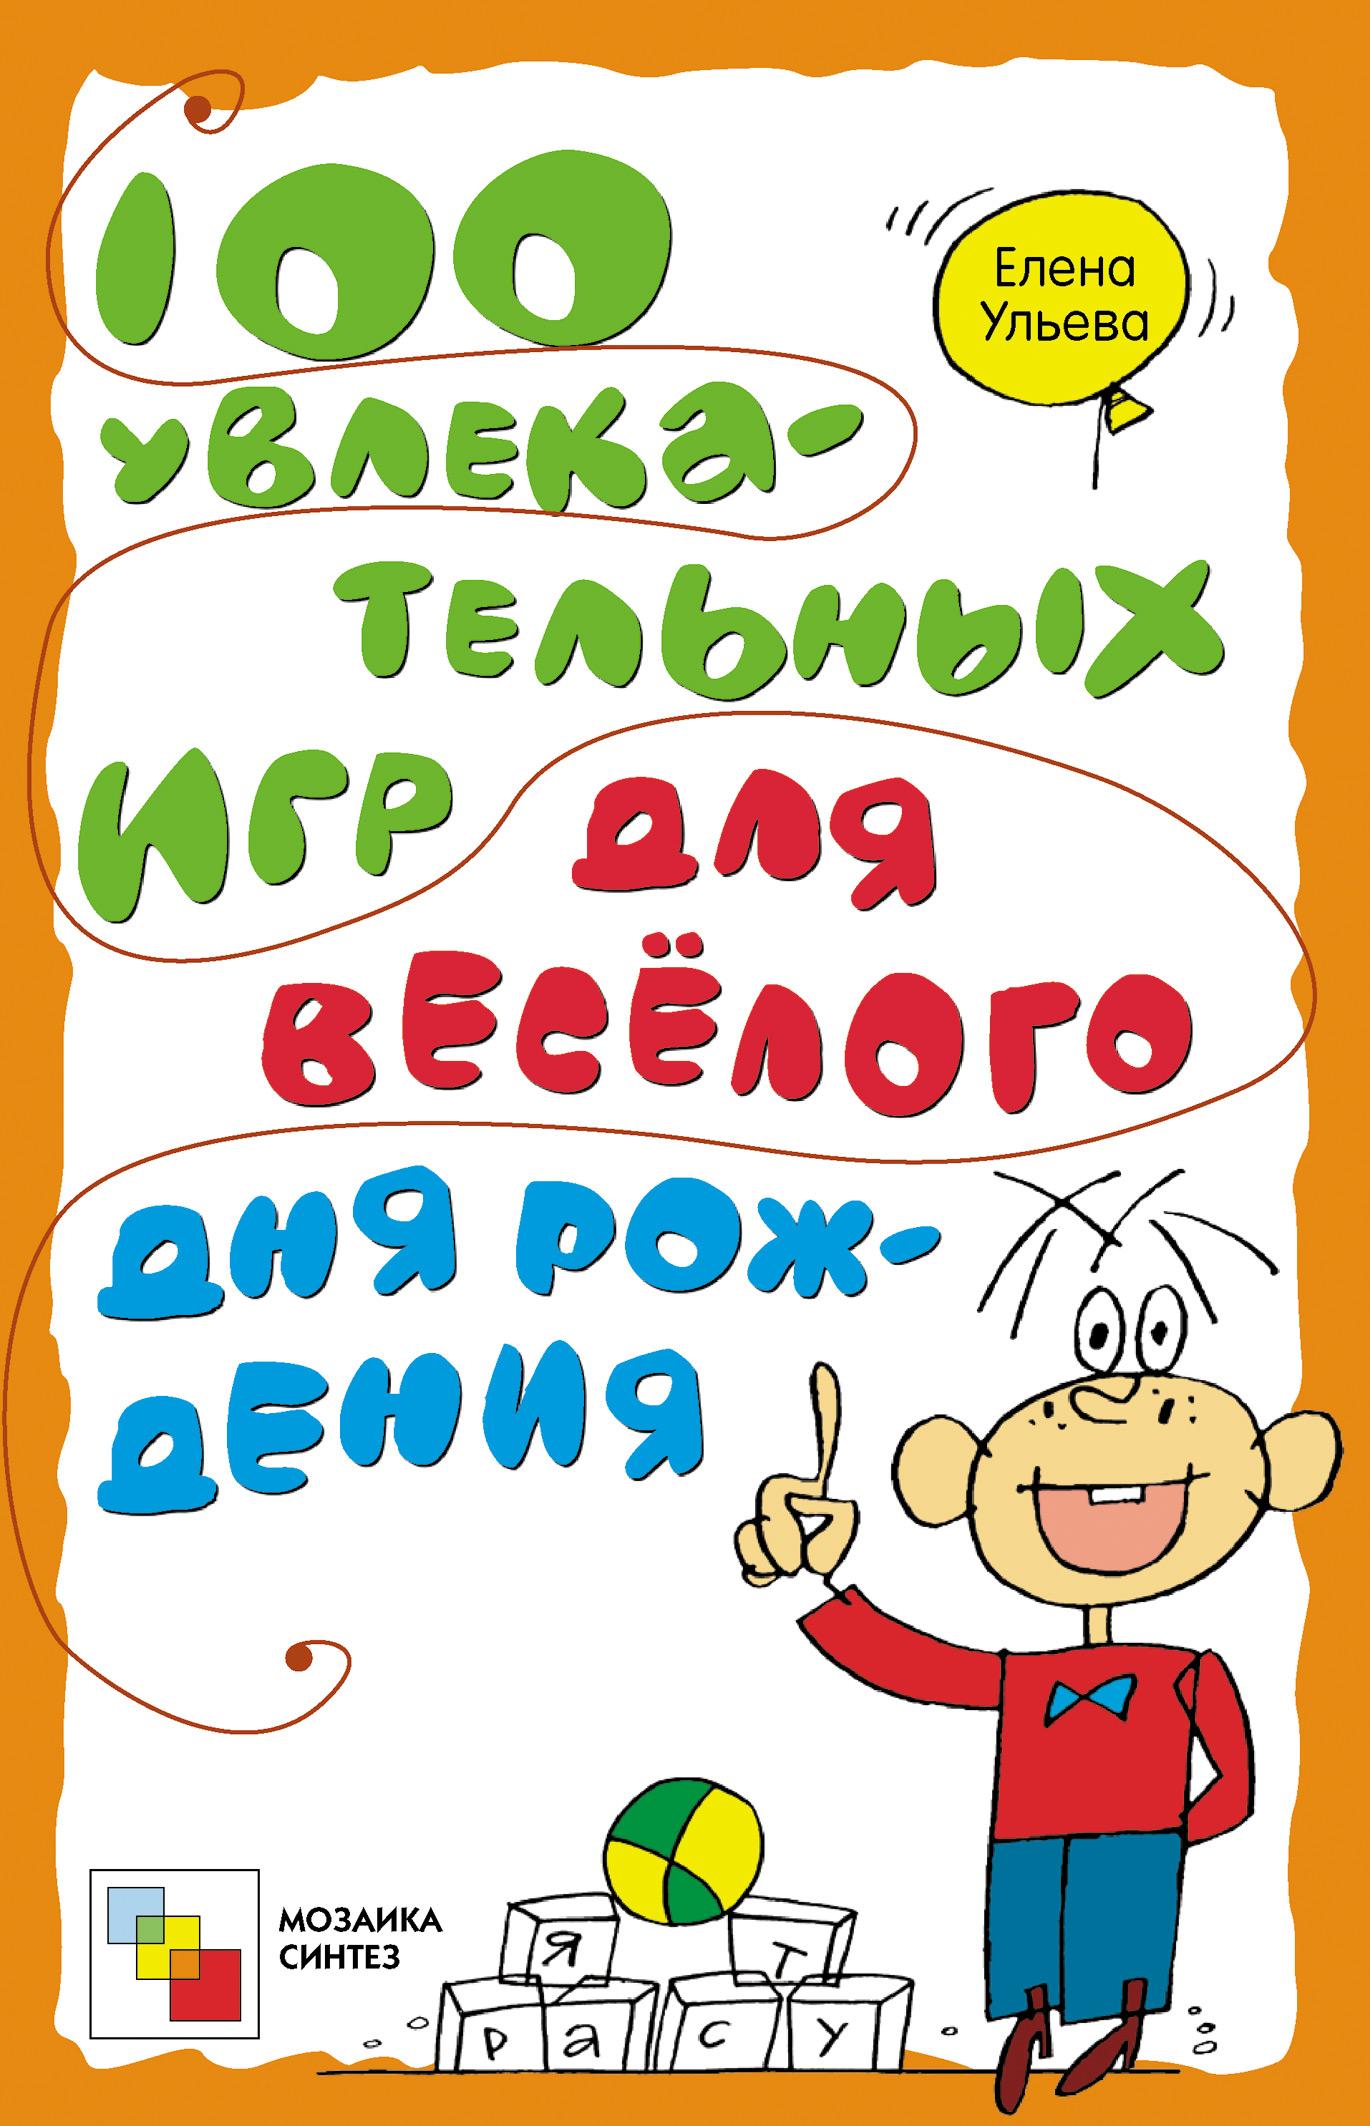 Елена Ульева 100 увлекательных игр для весёлого дня рождения ульева елена александровна 100 увлекательных игр для веселого дня рождения